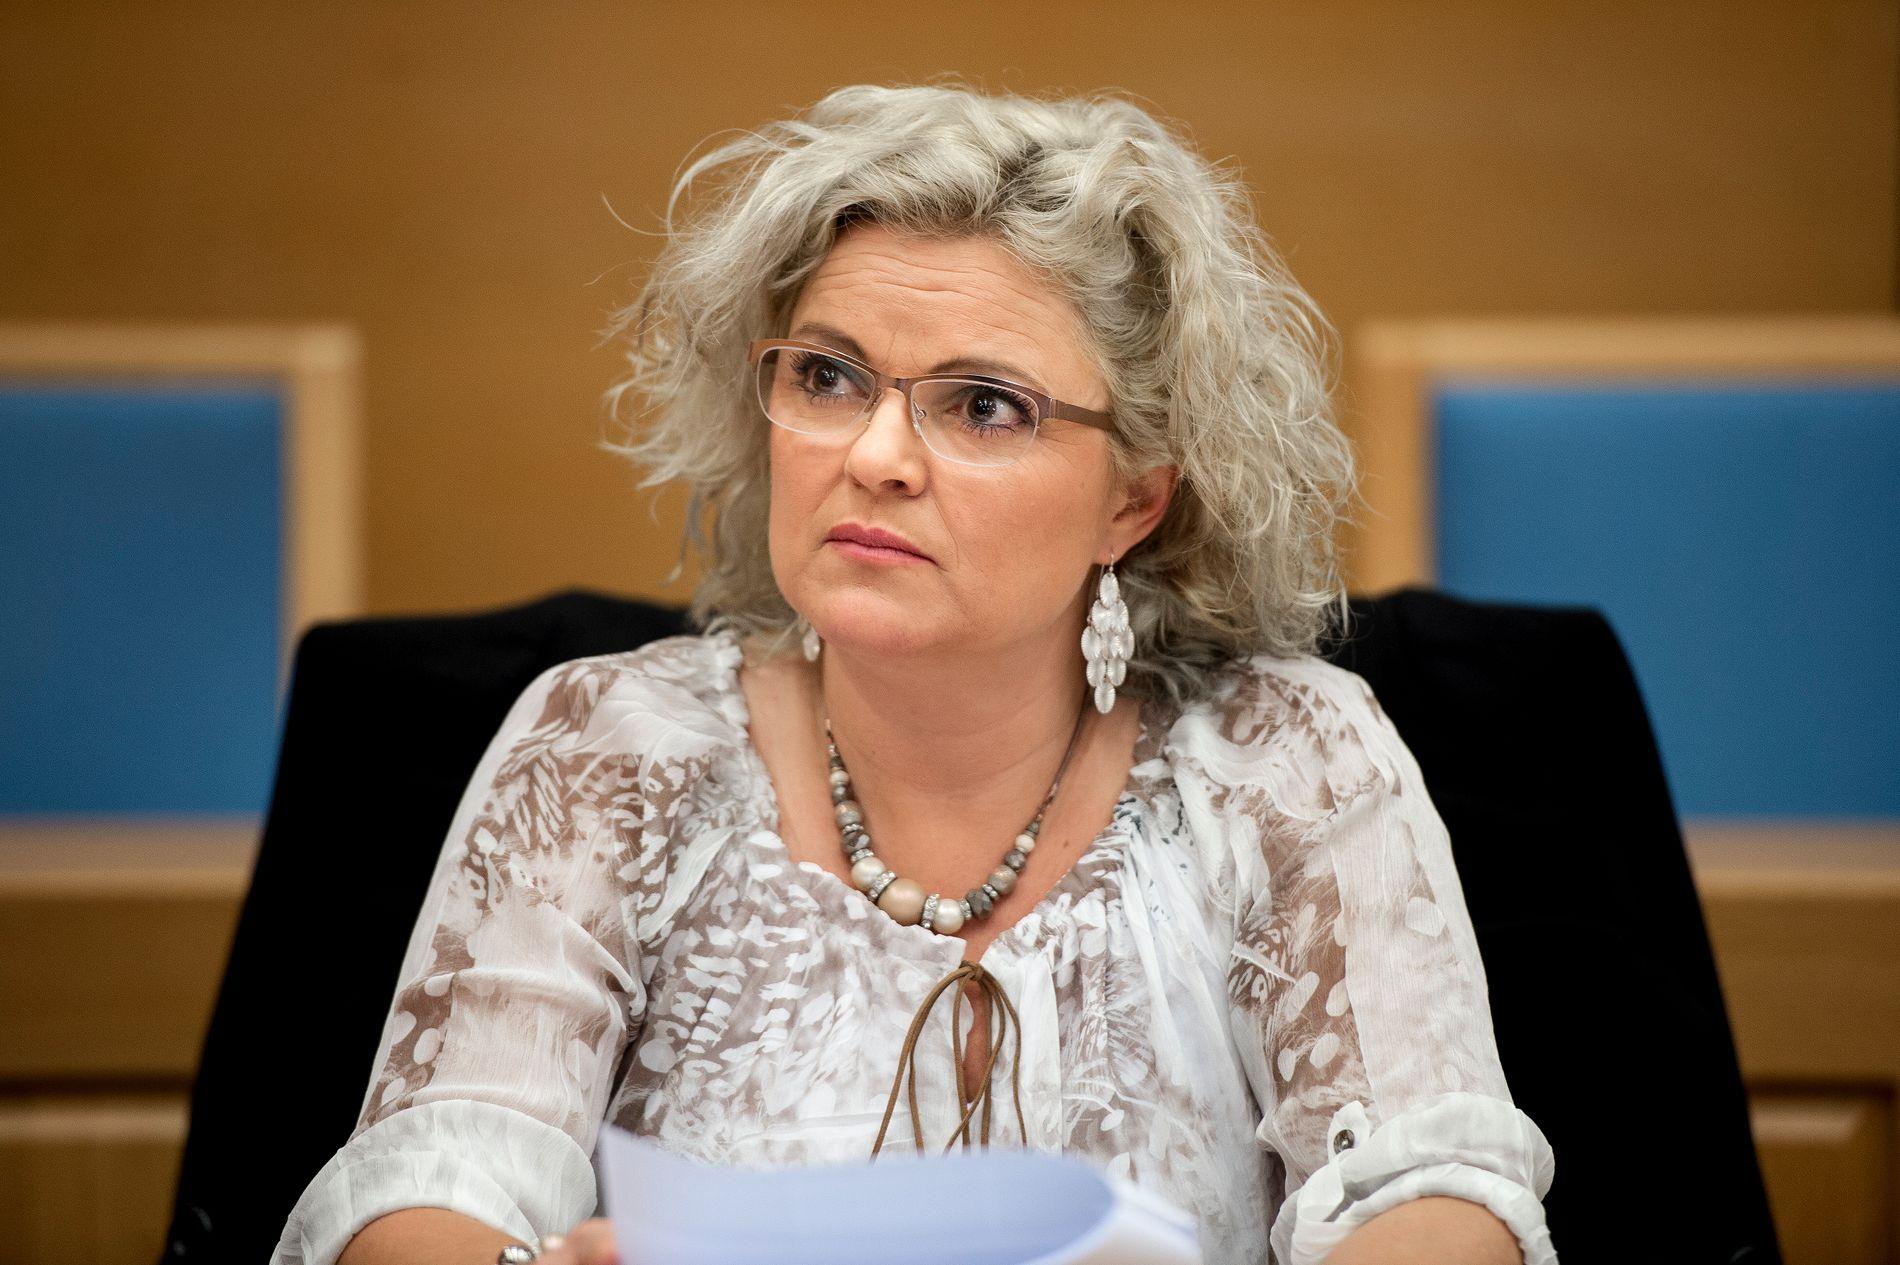 SAKSØKER: Frisøren Merete Hodne saksøker Løgnaslaget på nytt. Denne gangen for ærekrenkelse.